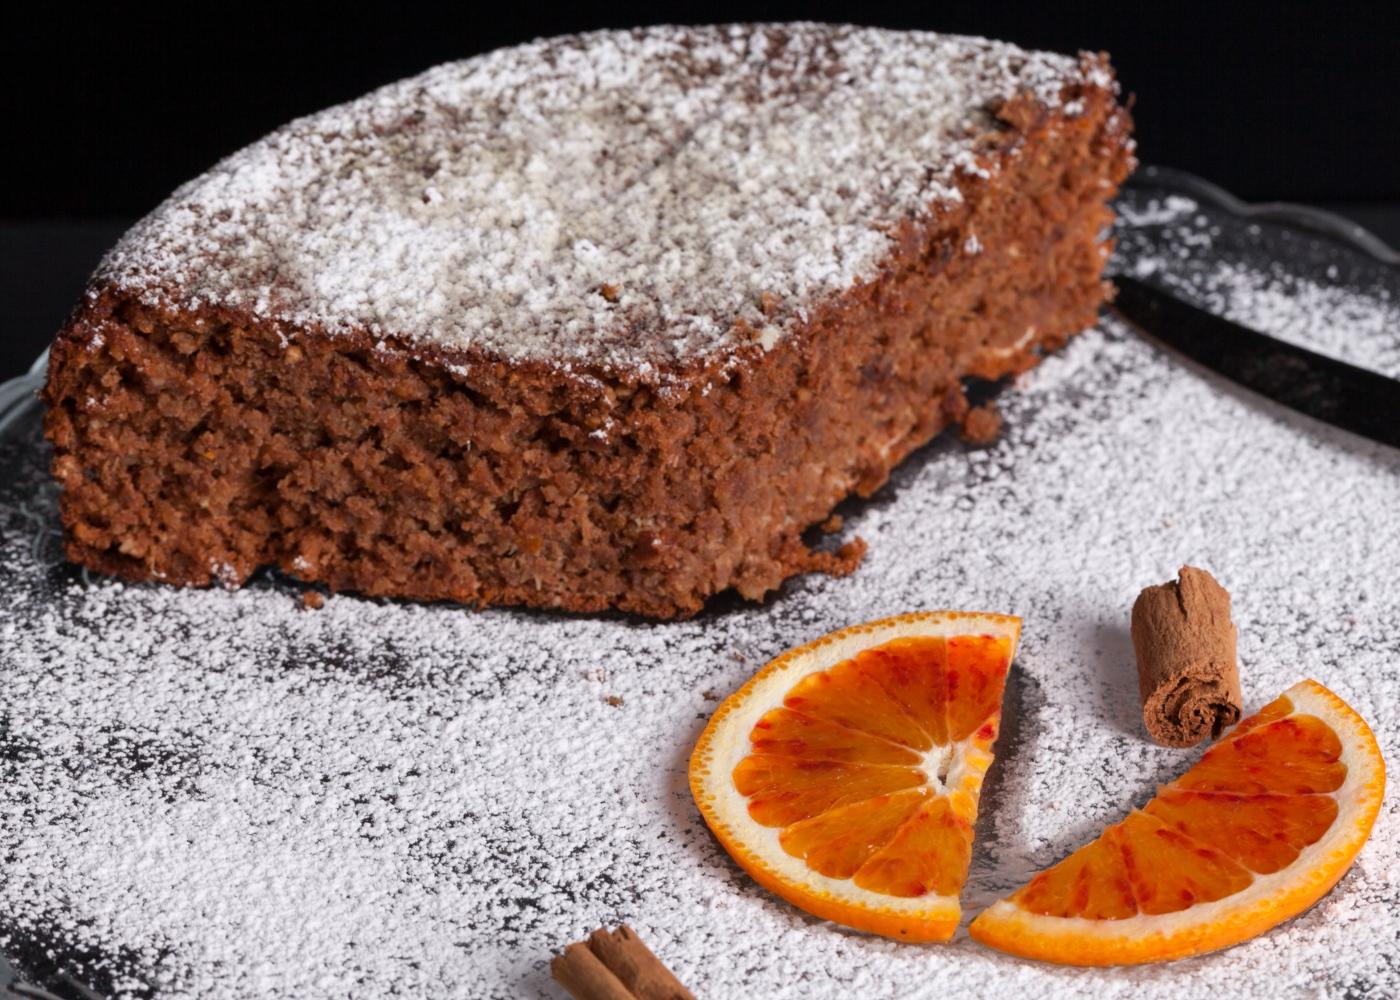 Receitas de bolos saudáveis para fazer com as crianças: bolo de chocolate e laranja